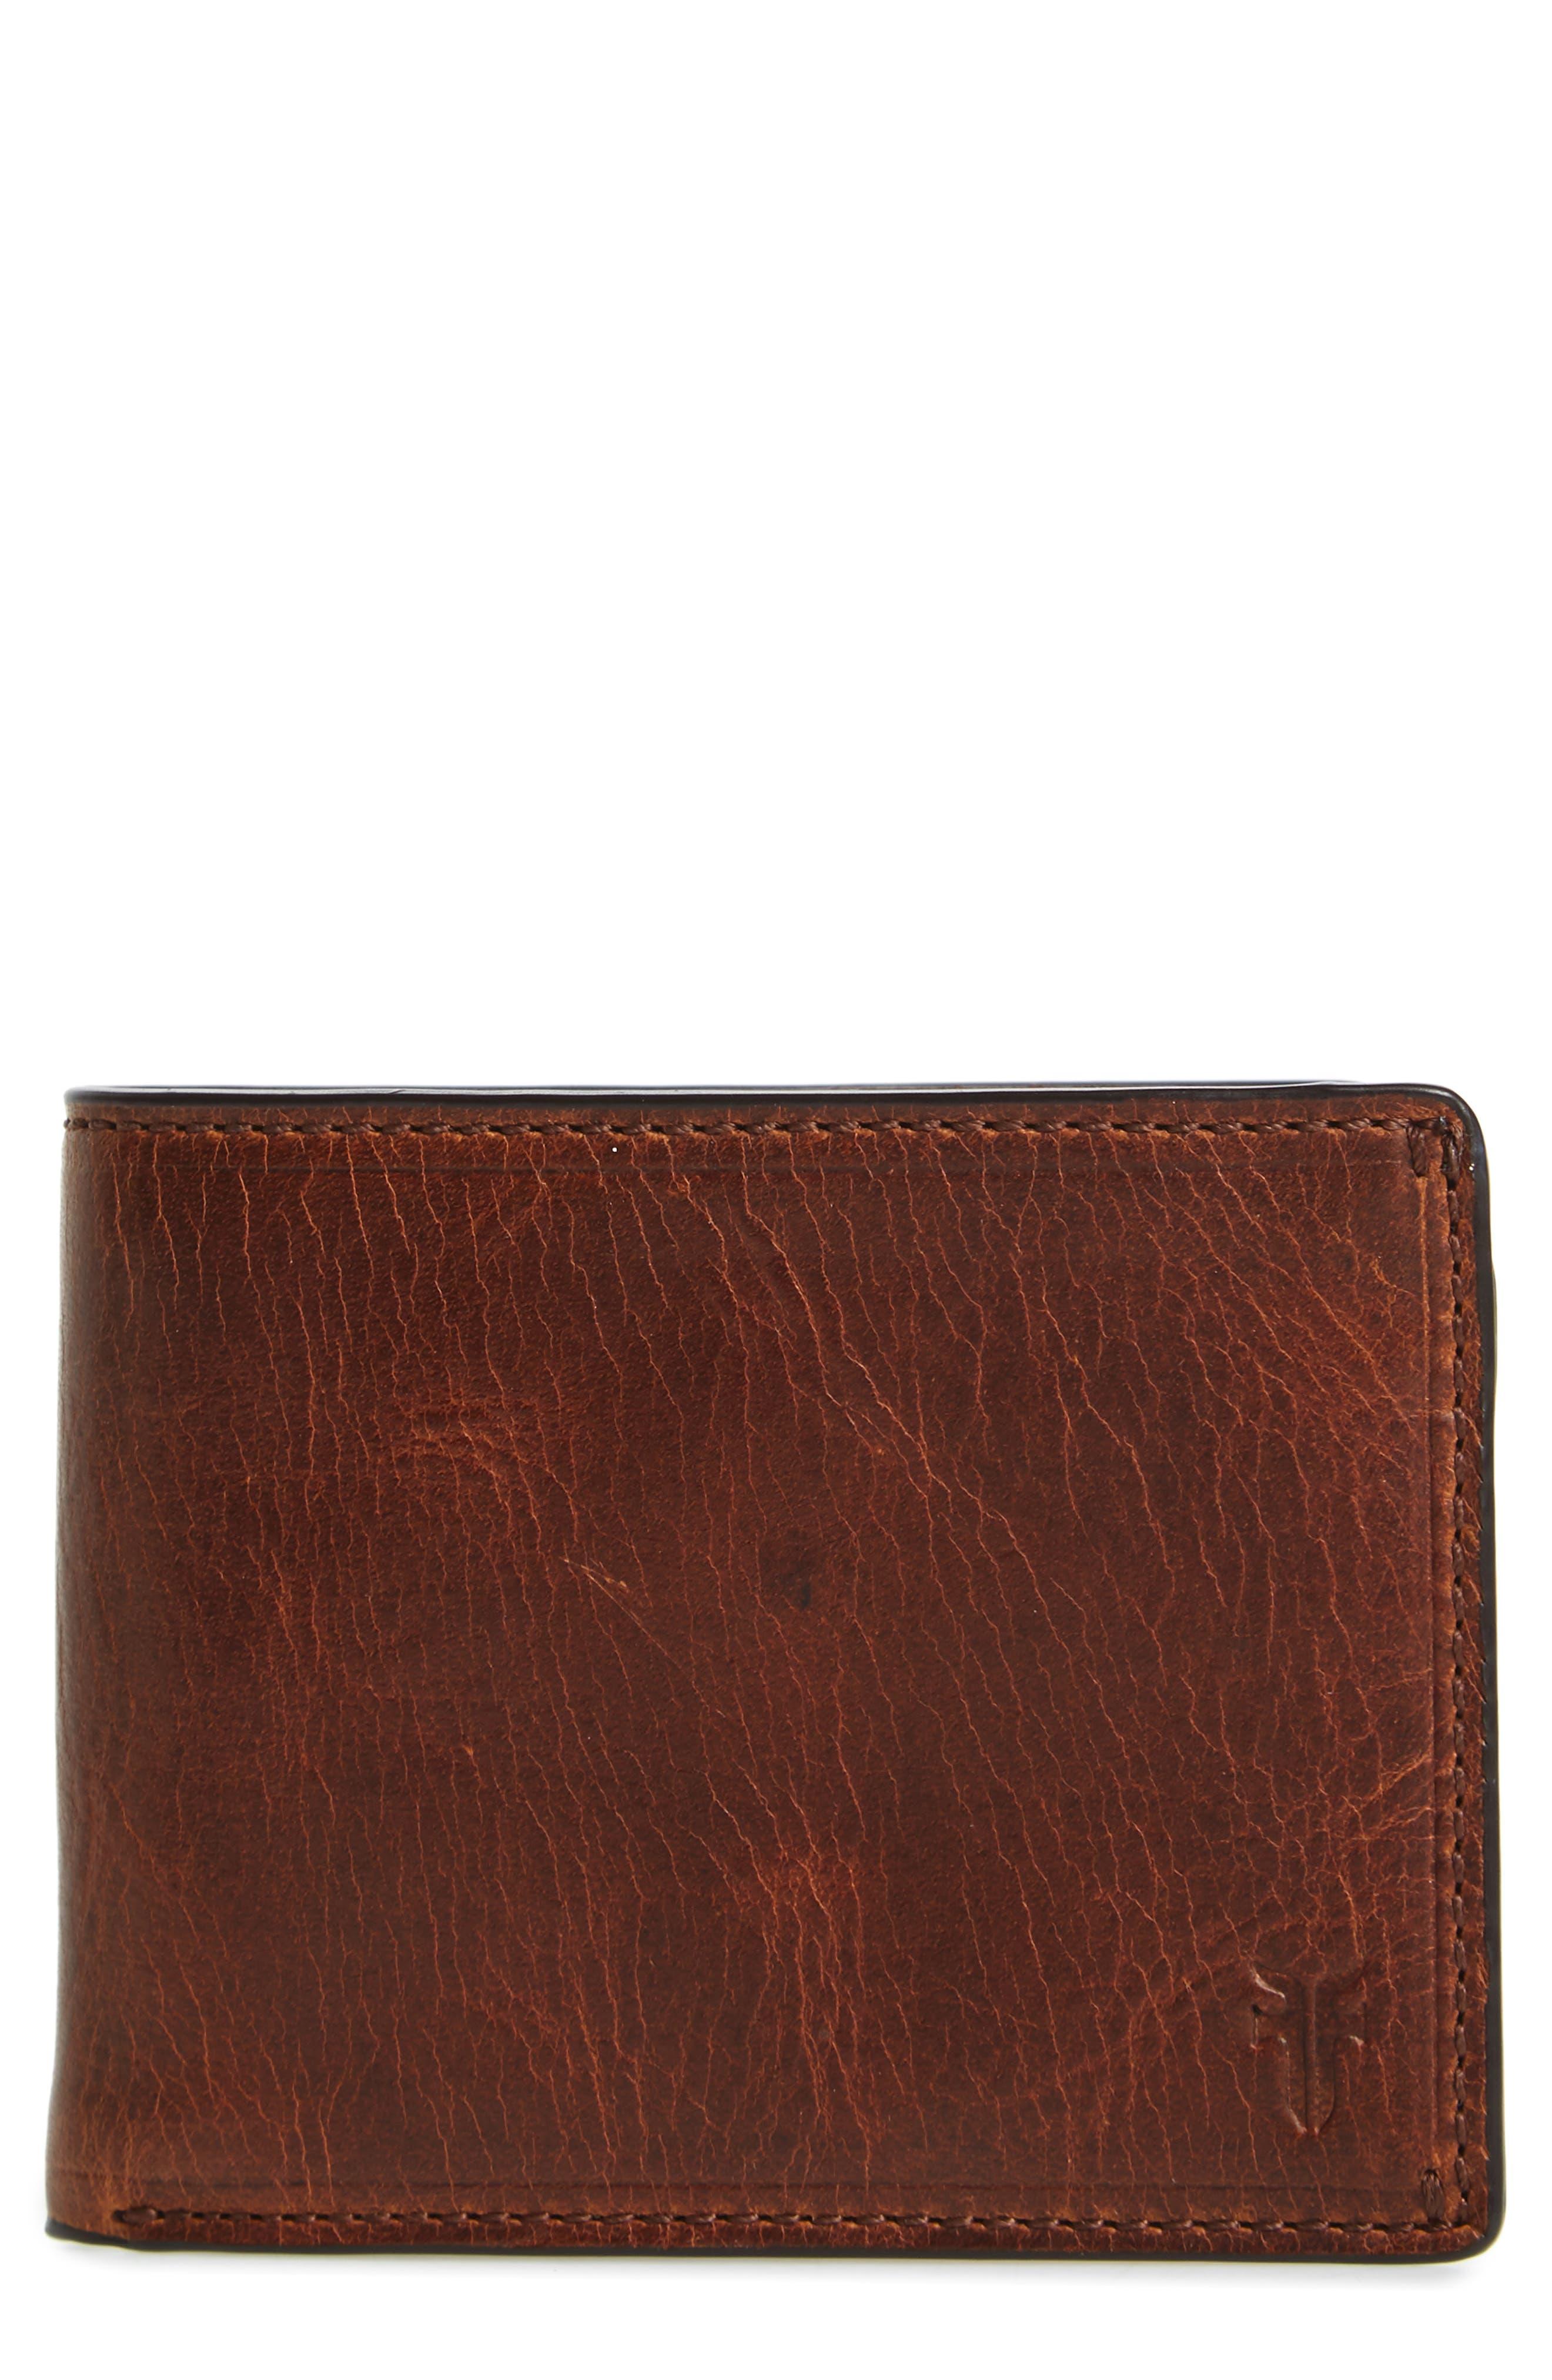 Logan Leather Wallet,                             Main thumbnail 1, color,                             Cognac